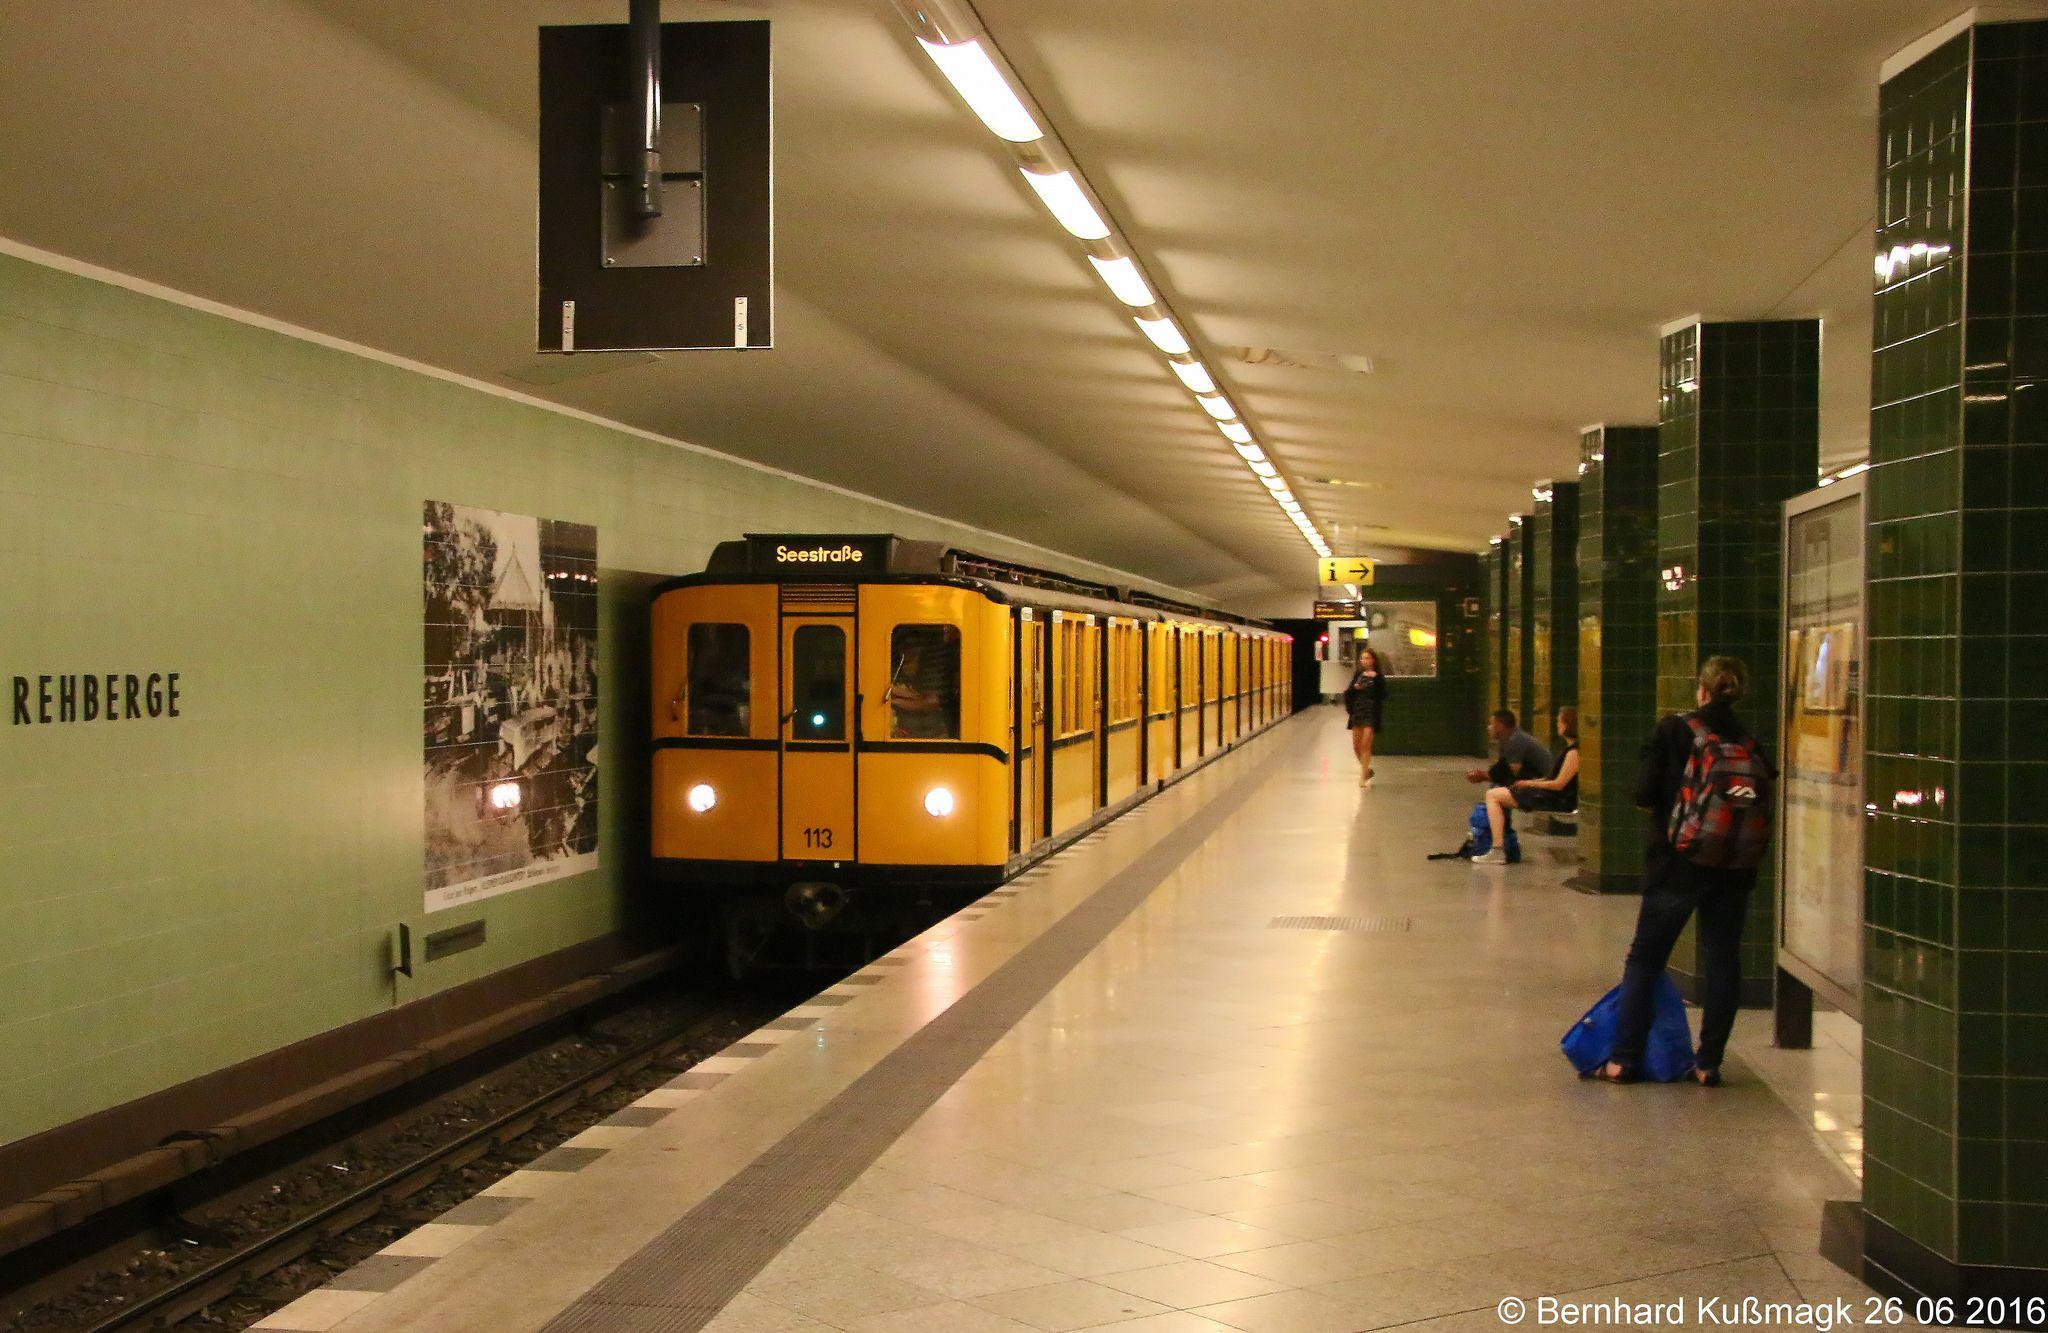 Europa Deutschland Berlin Wedding U Bahnhof Rehberge U Bahn Linie U6 Underground Tube Ho Trains Underground